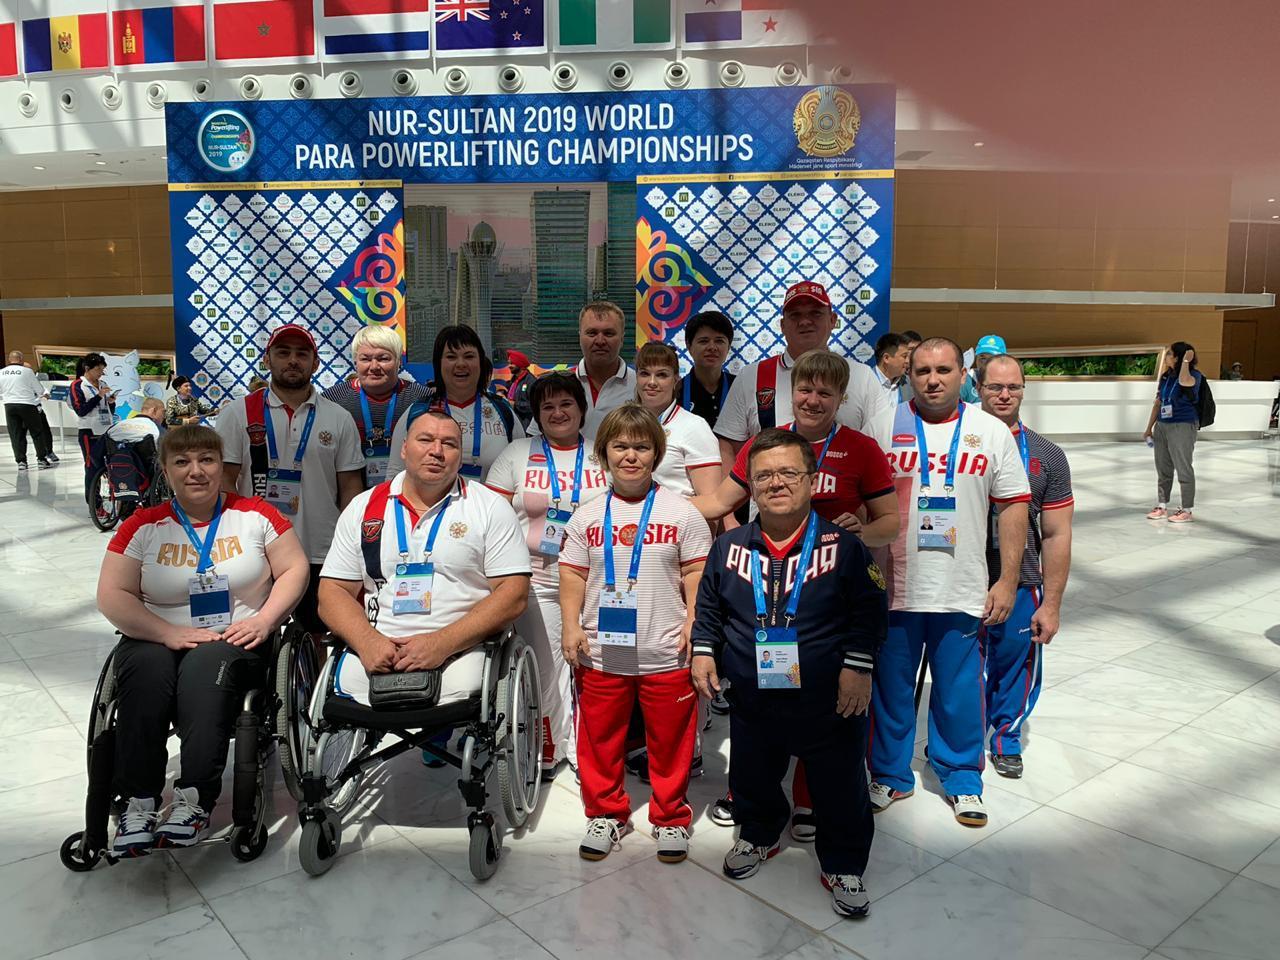 В Казахстане состоялась церемония открытия чемпионата мира по пауэрлифтингу спорта лиц с ПОДА